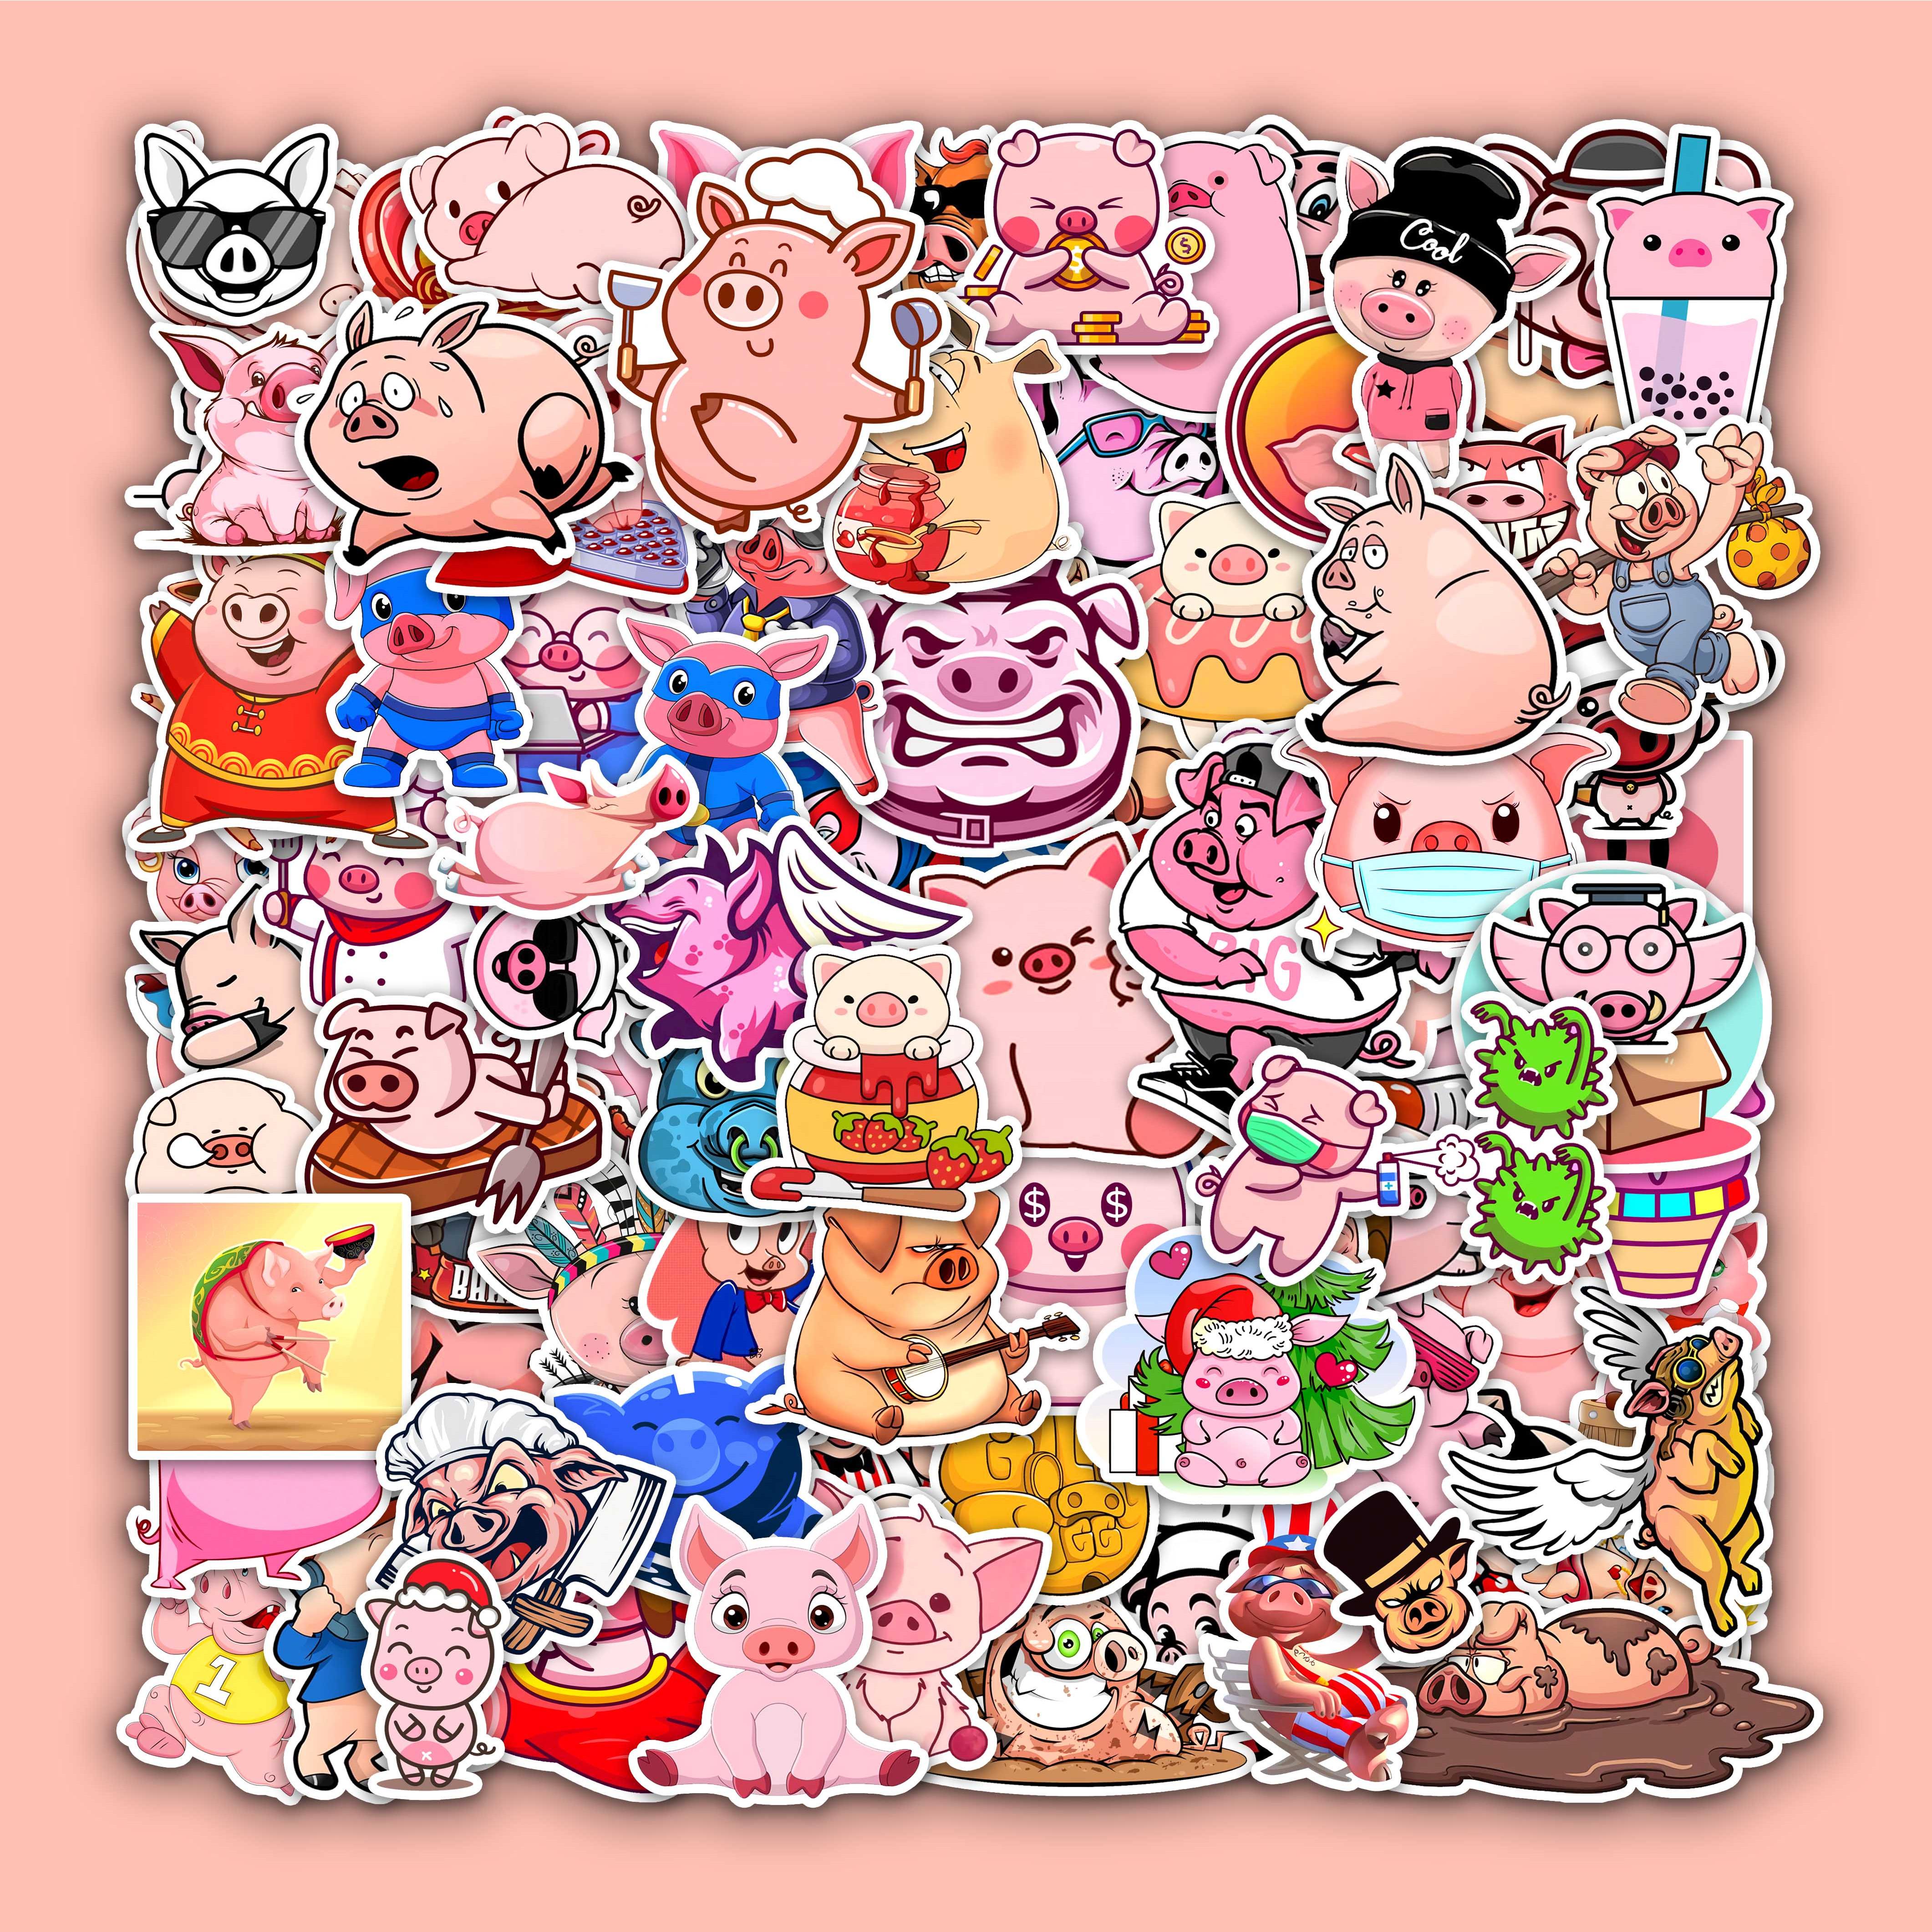 100 Miếng Dán Hình Con Heo Hồng Đáng Yêu Cute Dán Nón Bảo Hiểm , Sticker Dán Laptop...